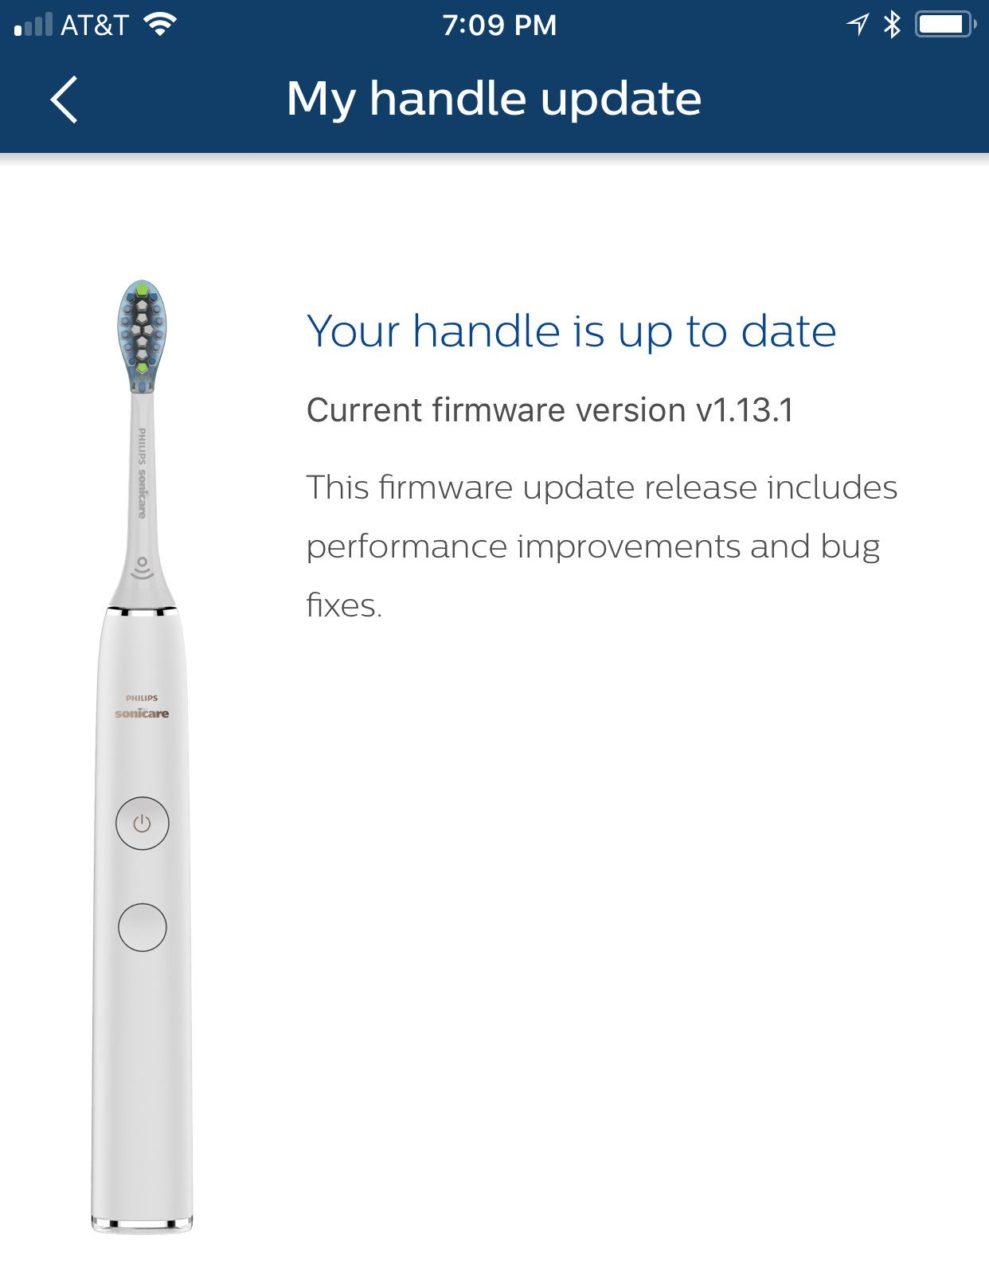 обновление прошивки зубной щетки